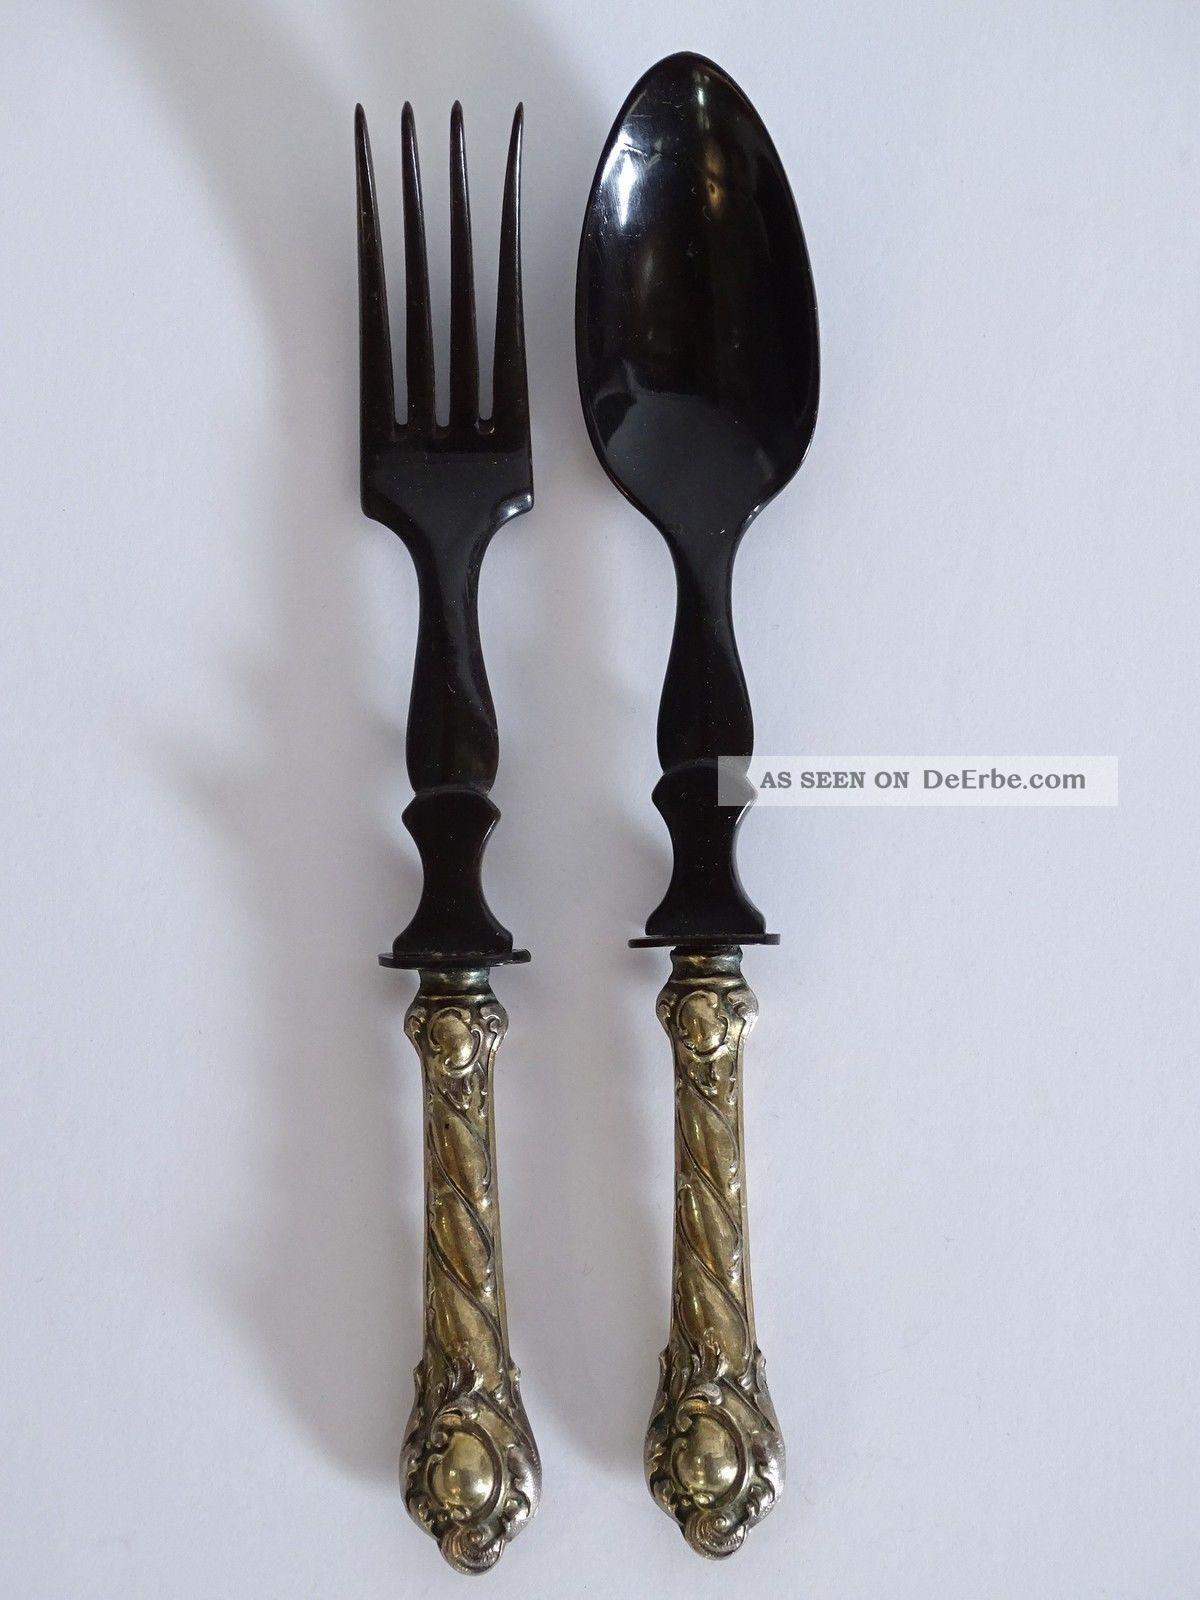 Antikes Salatbesteck Schwarz Aus Bein Oder Horn Mit Silbernem Griff Um 1900 Beinarbeiten Bild